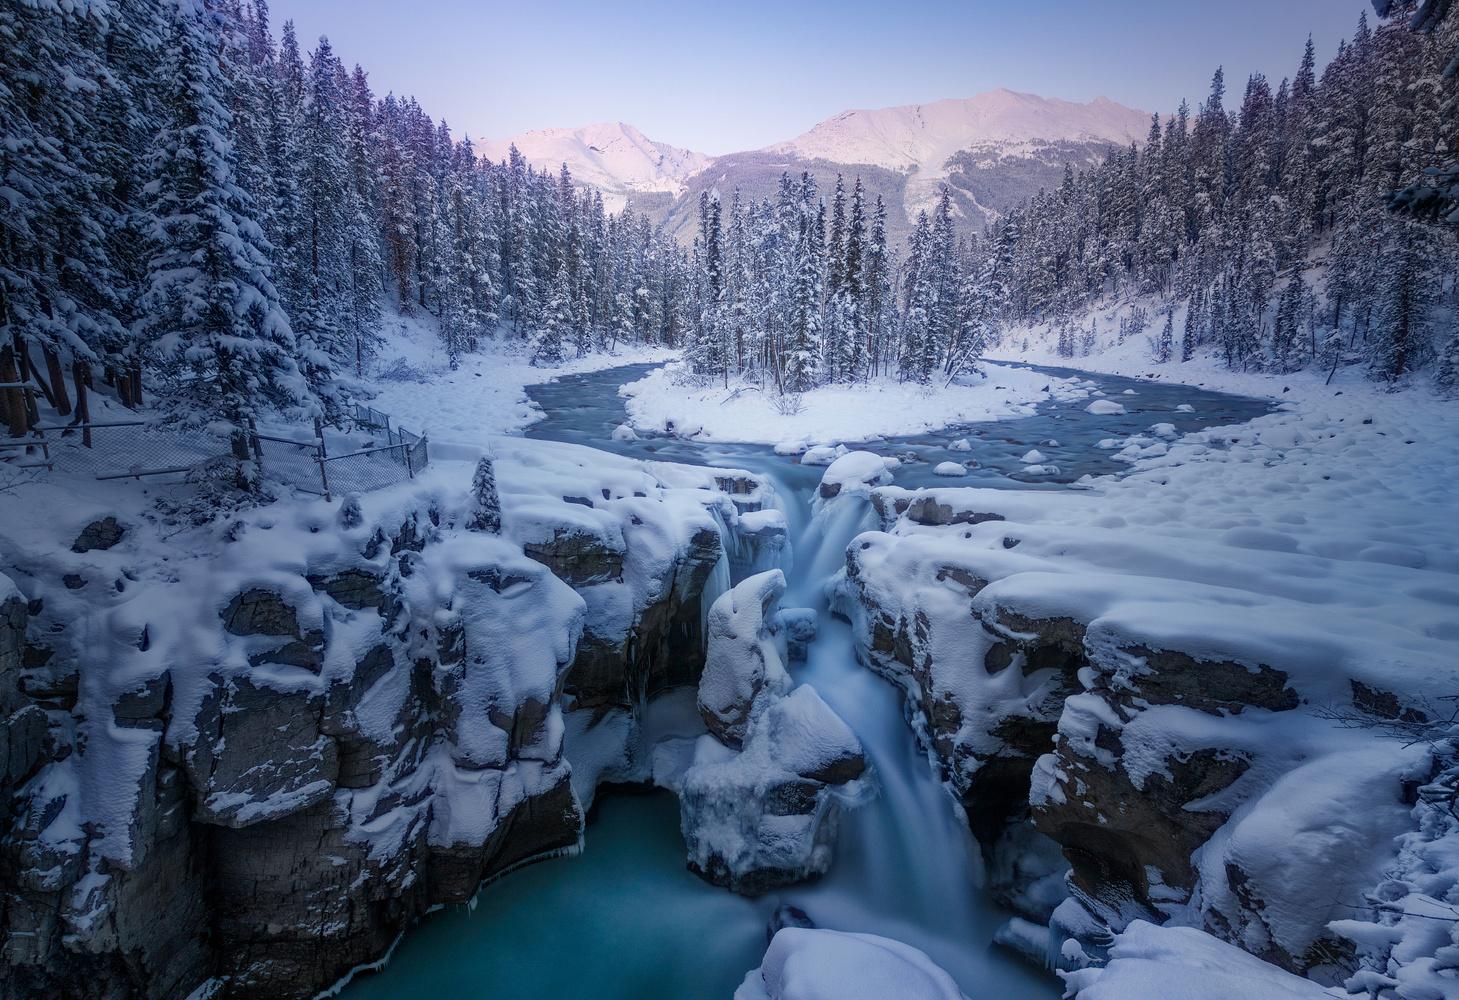 Winter Sunwapta Falls by Toni Pou